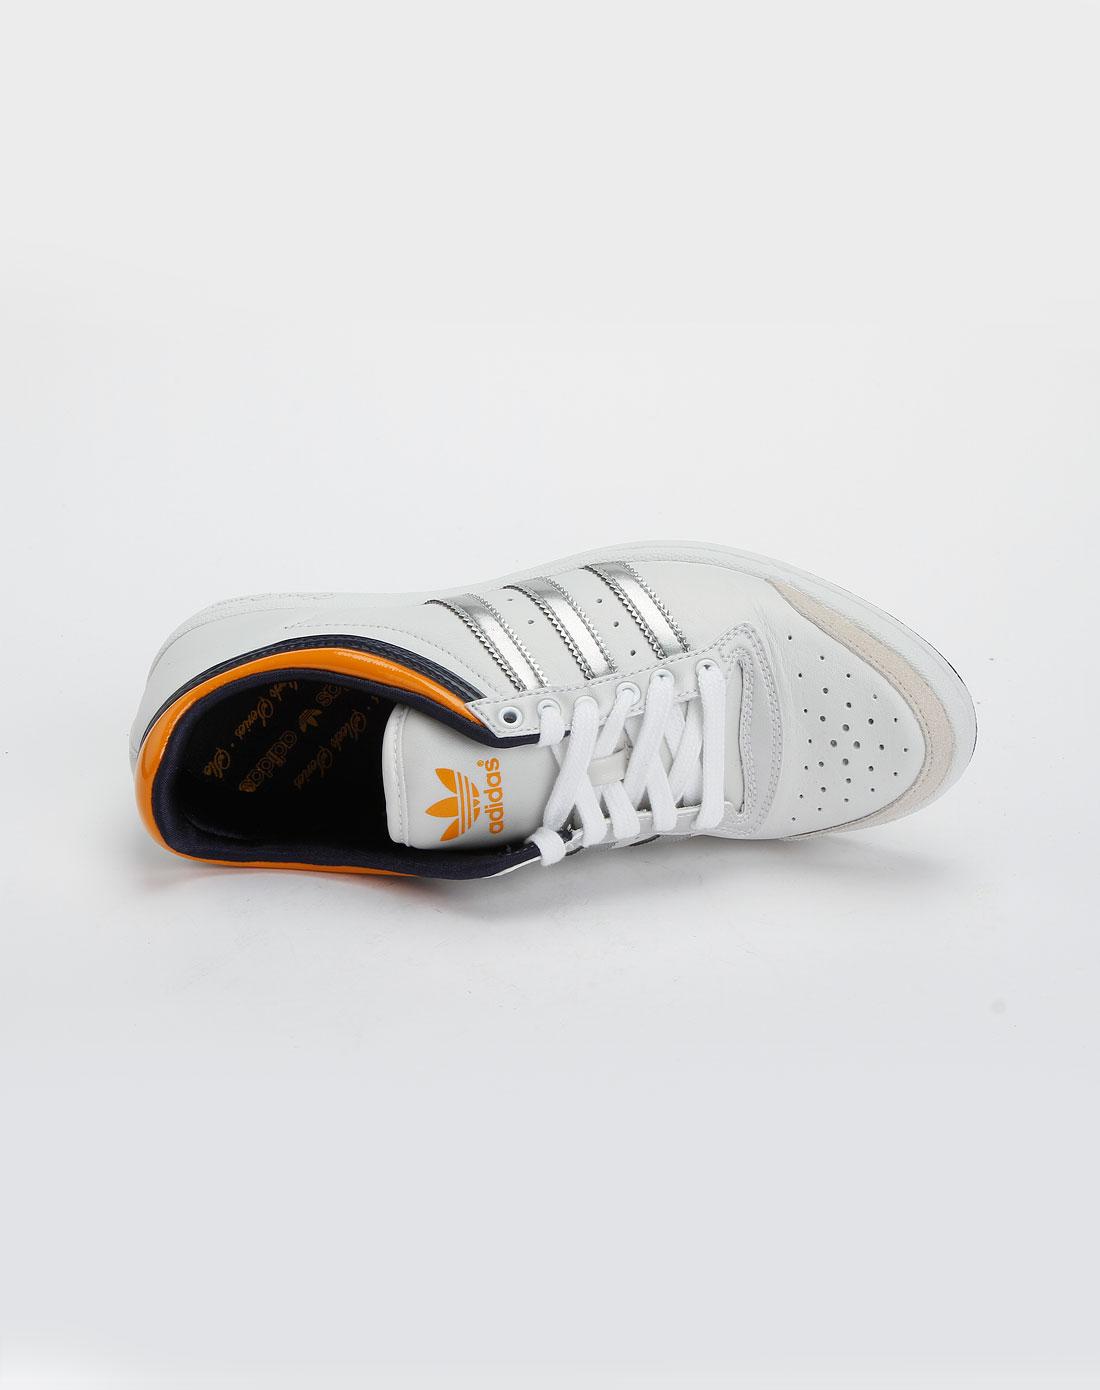 阿迪篮球鞋女款